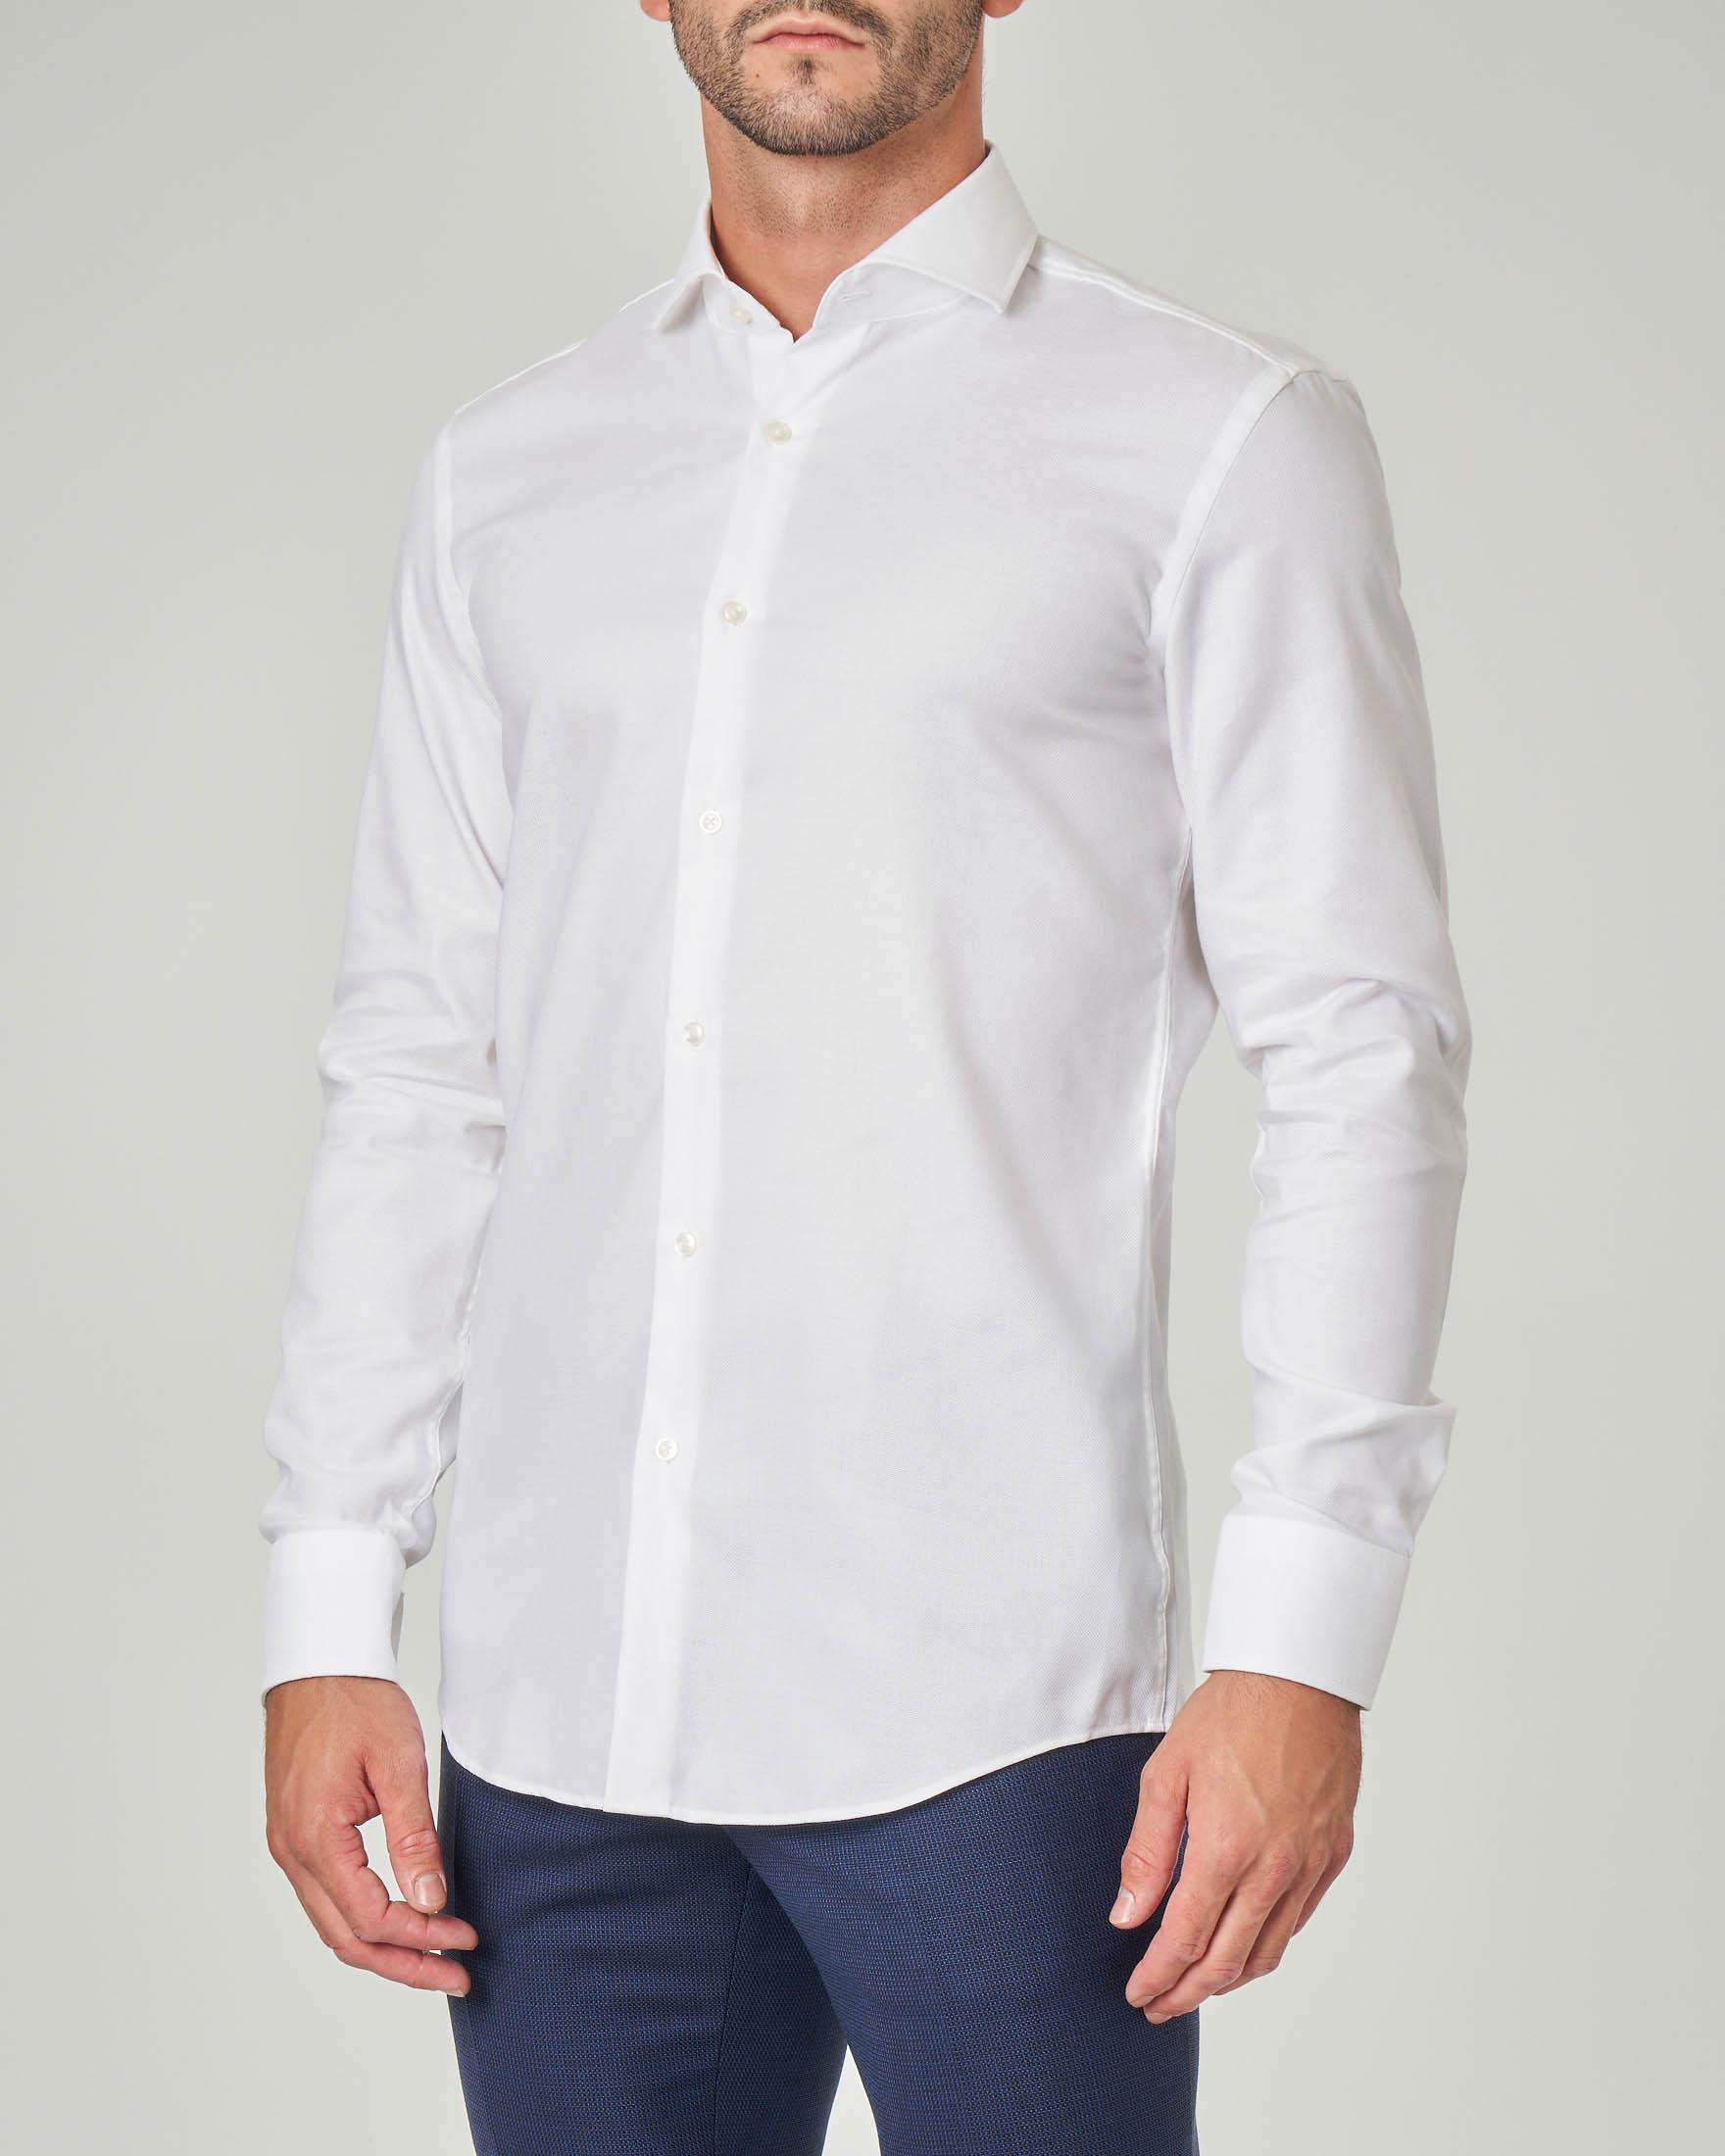 Camicia bianca microarmatura con colletto alla francese